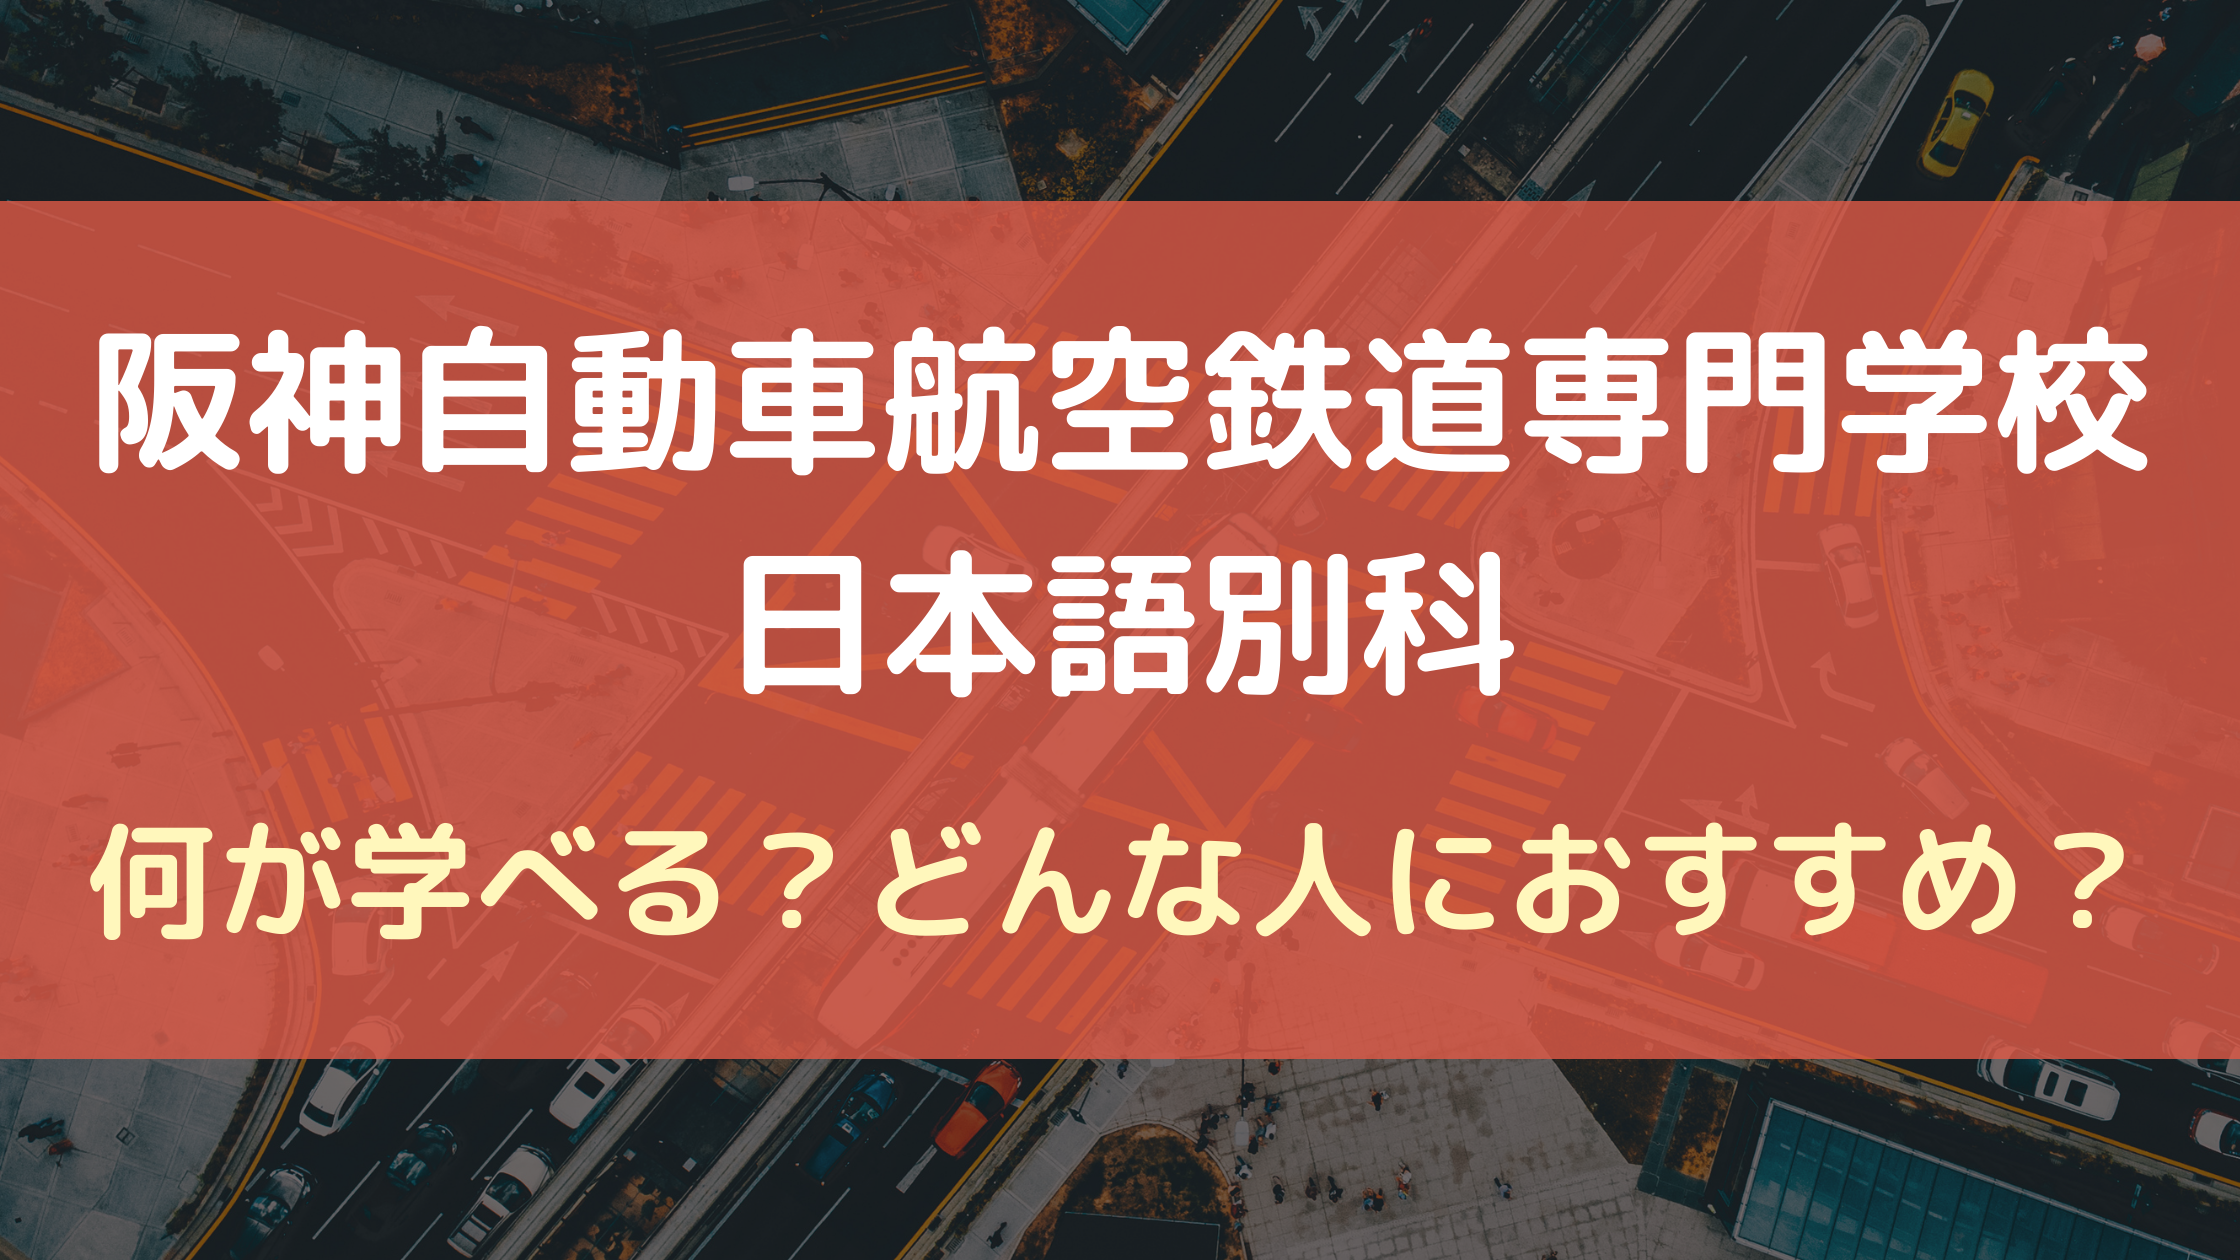 阪神自動車交通鉄道専門学校